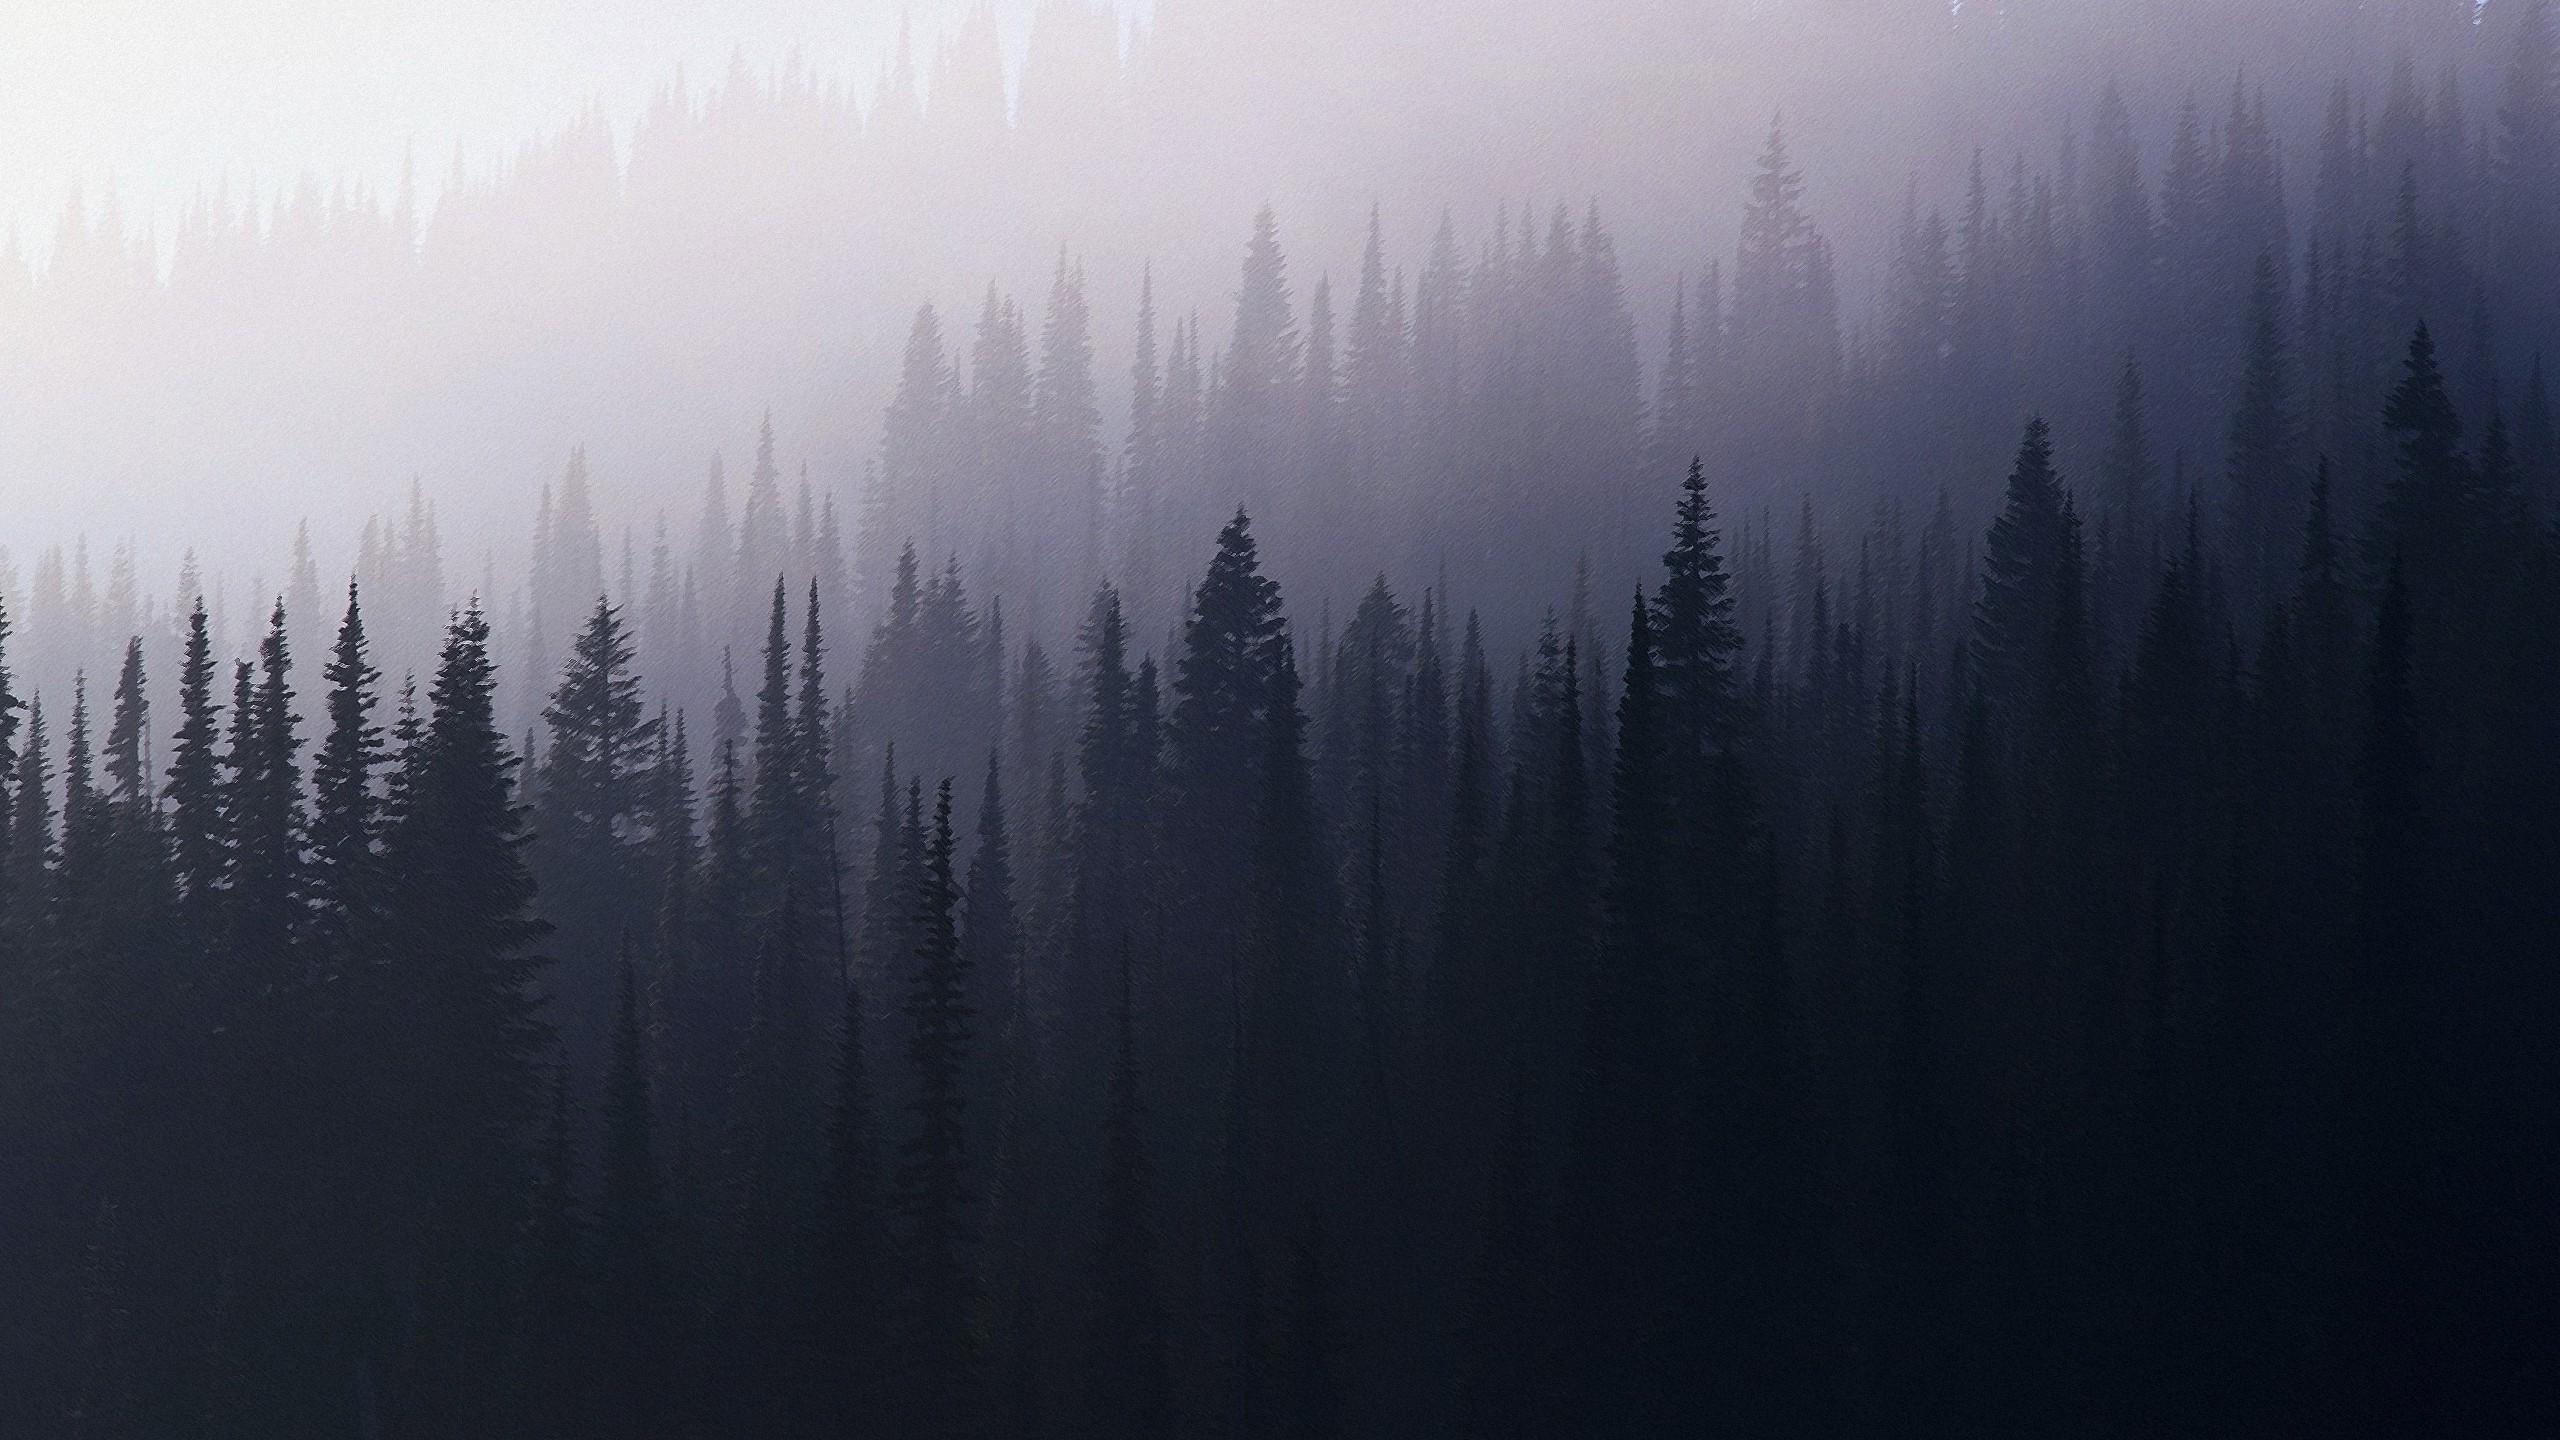 обои на рабочий стол лес в тумане hd № 251999 загрузить